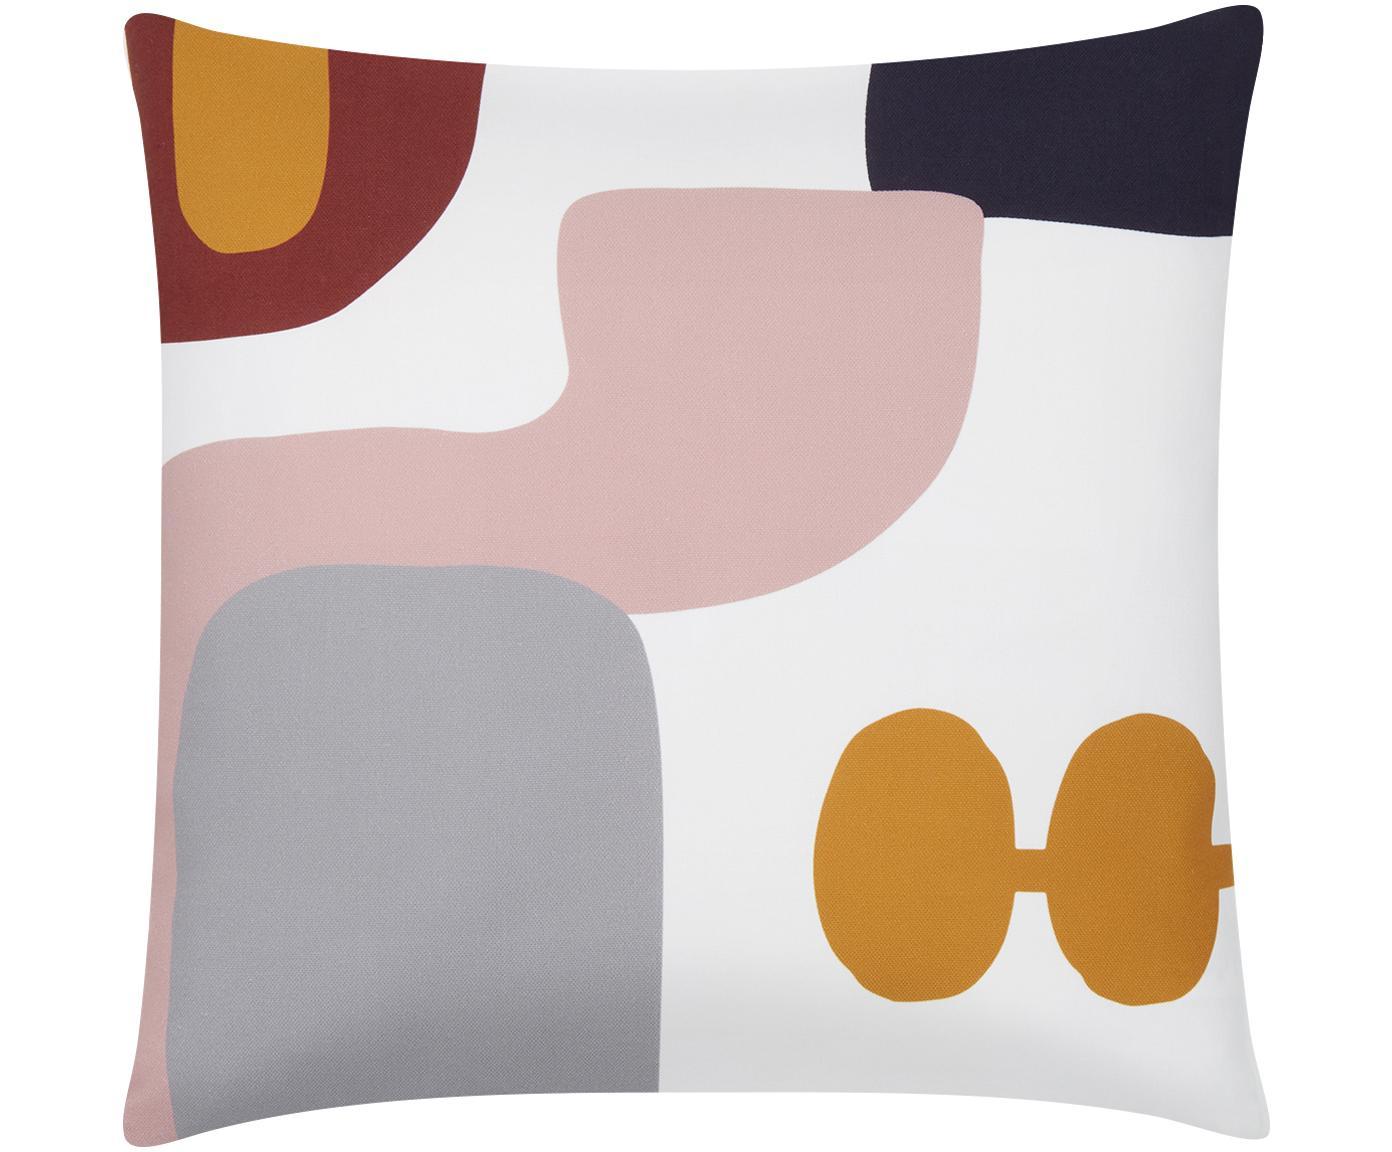 Kussenhoes Line, Weeftechniek: panama, Wit, multicolour, 40 x 40 cm